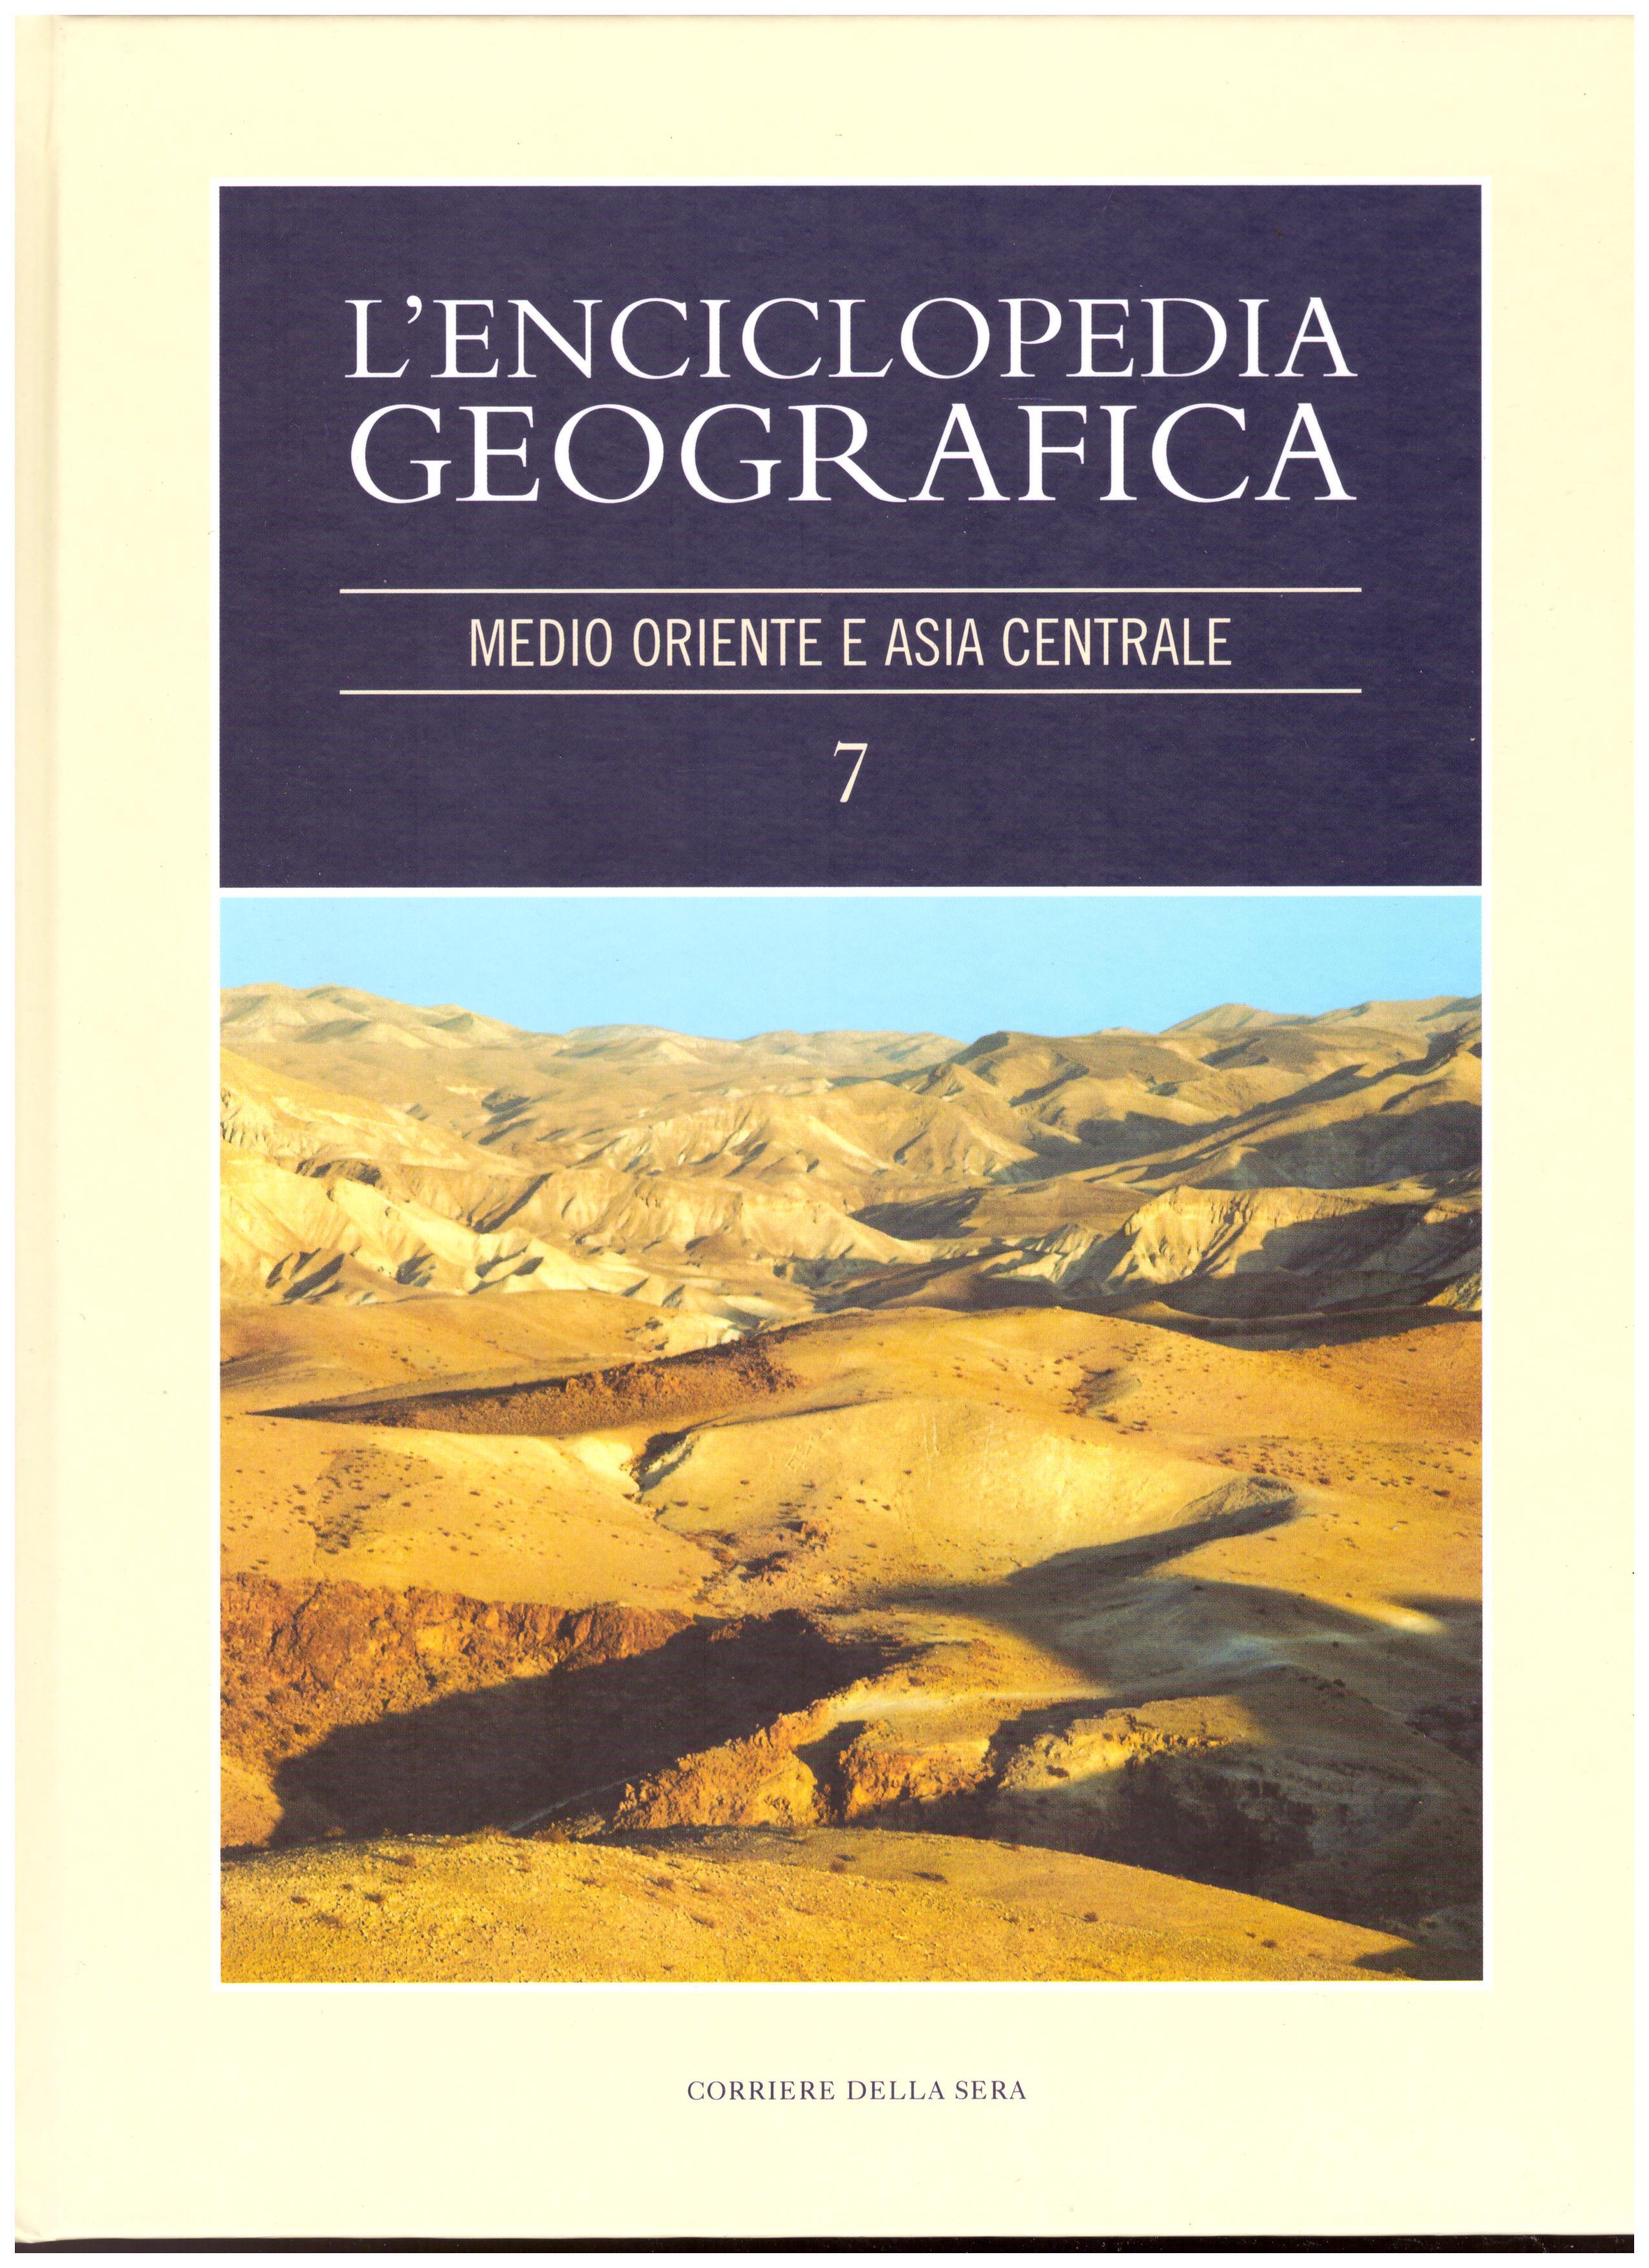 Titolo: L'enciclopedia della geografia, n.7 medio oriente e Asia centrale  Autore : AA.VV.  Editore: corriere della sera